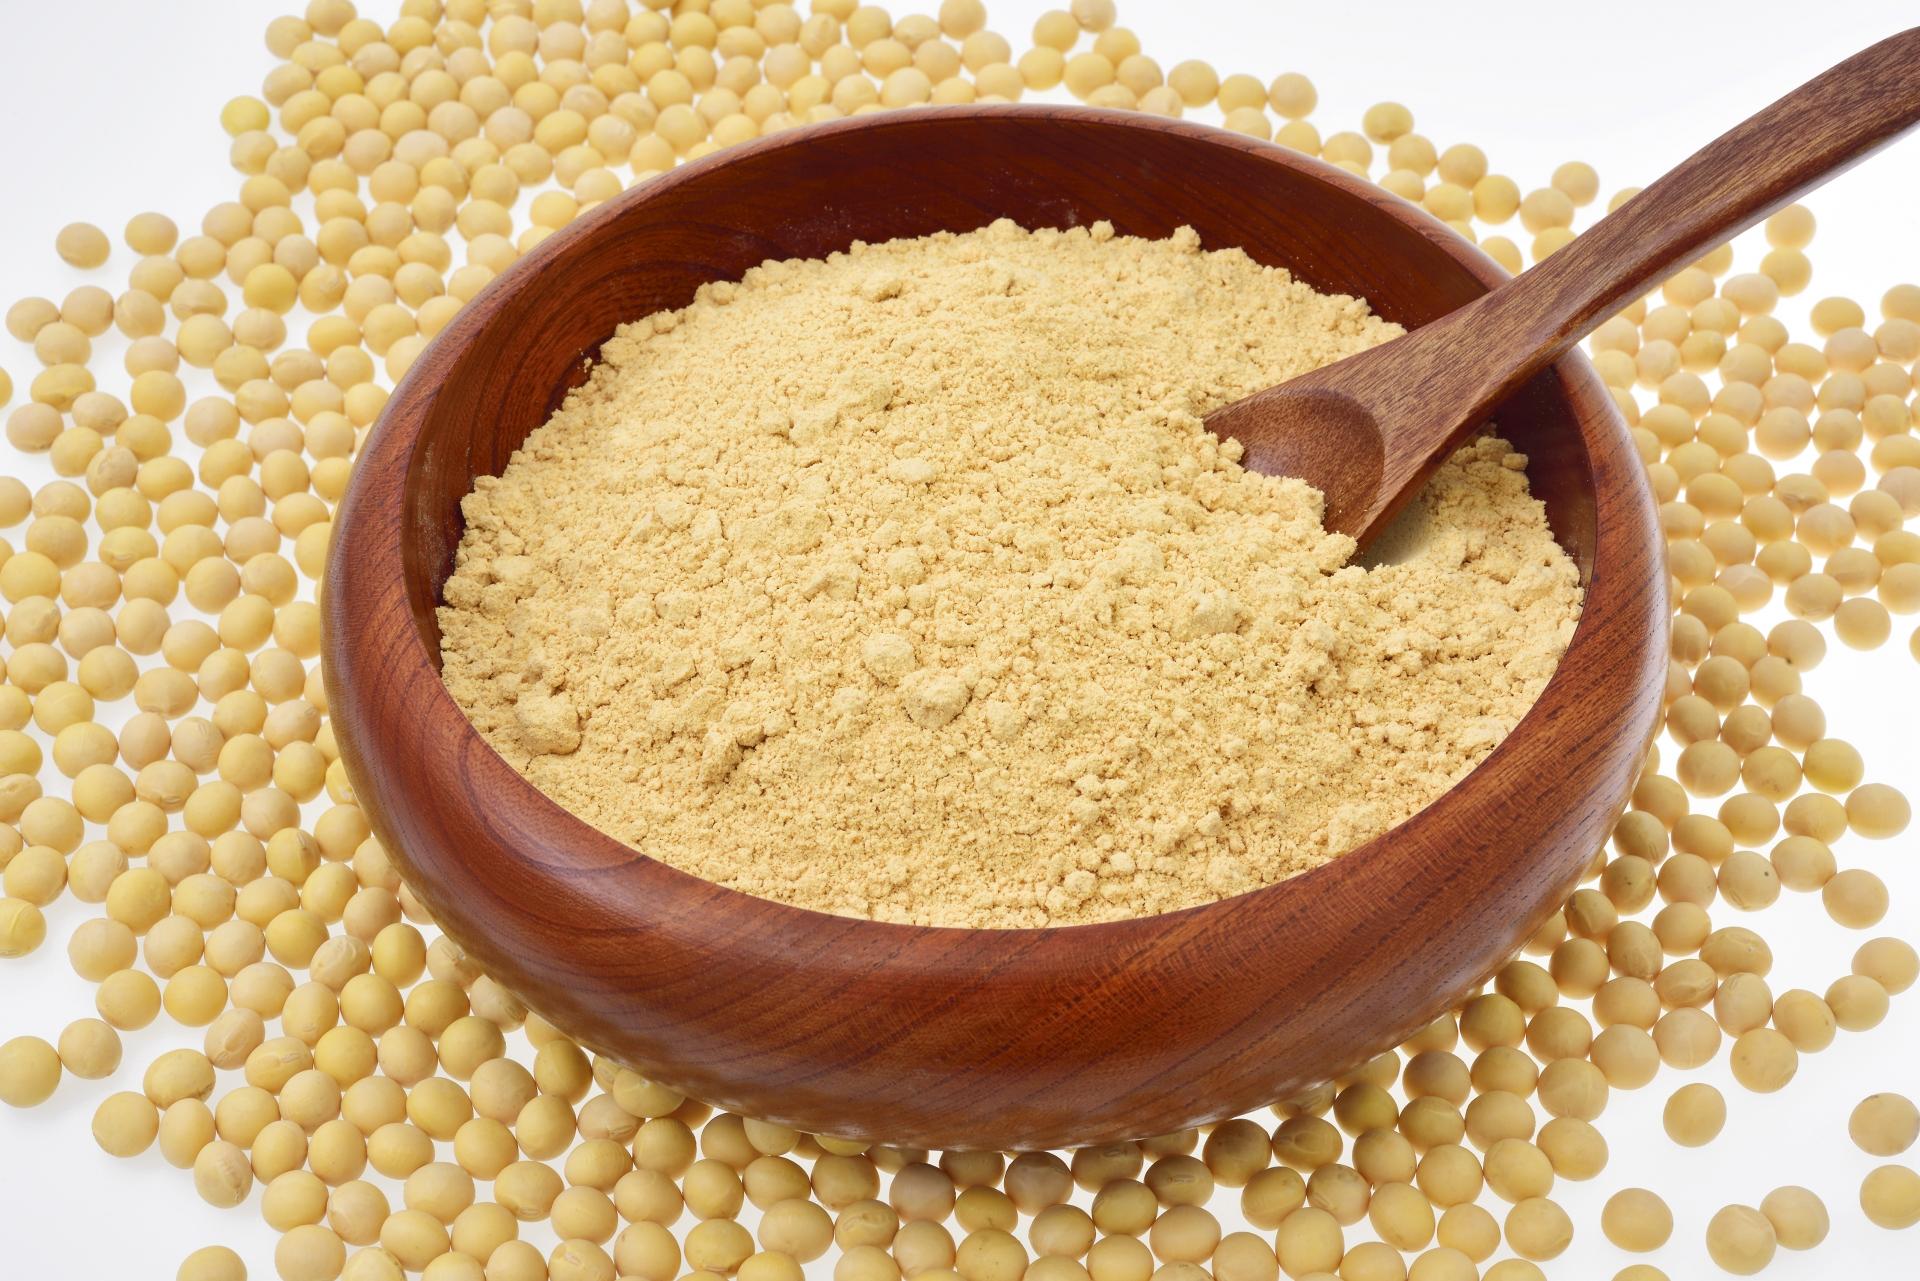 木のお椀に盛られたきな粉のアップ画像